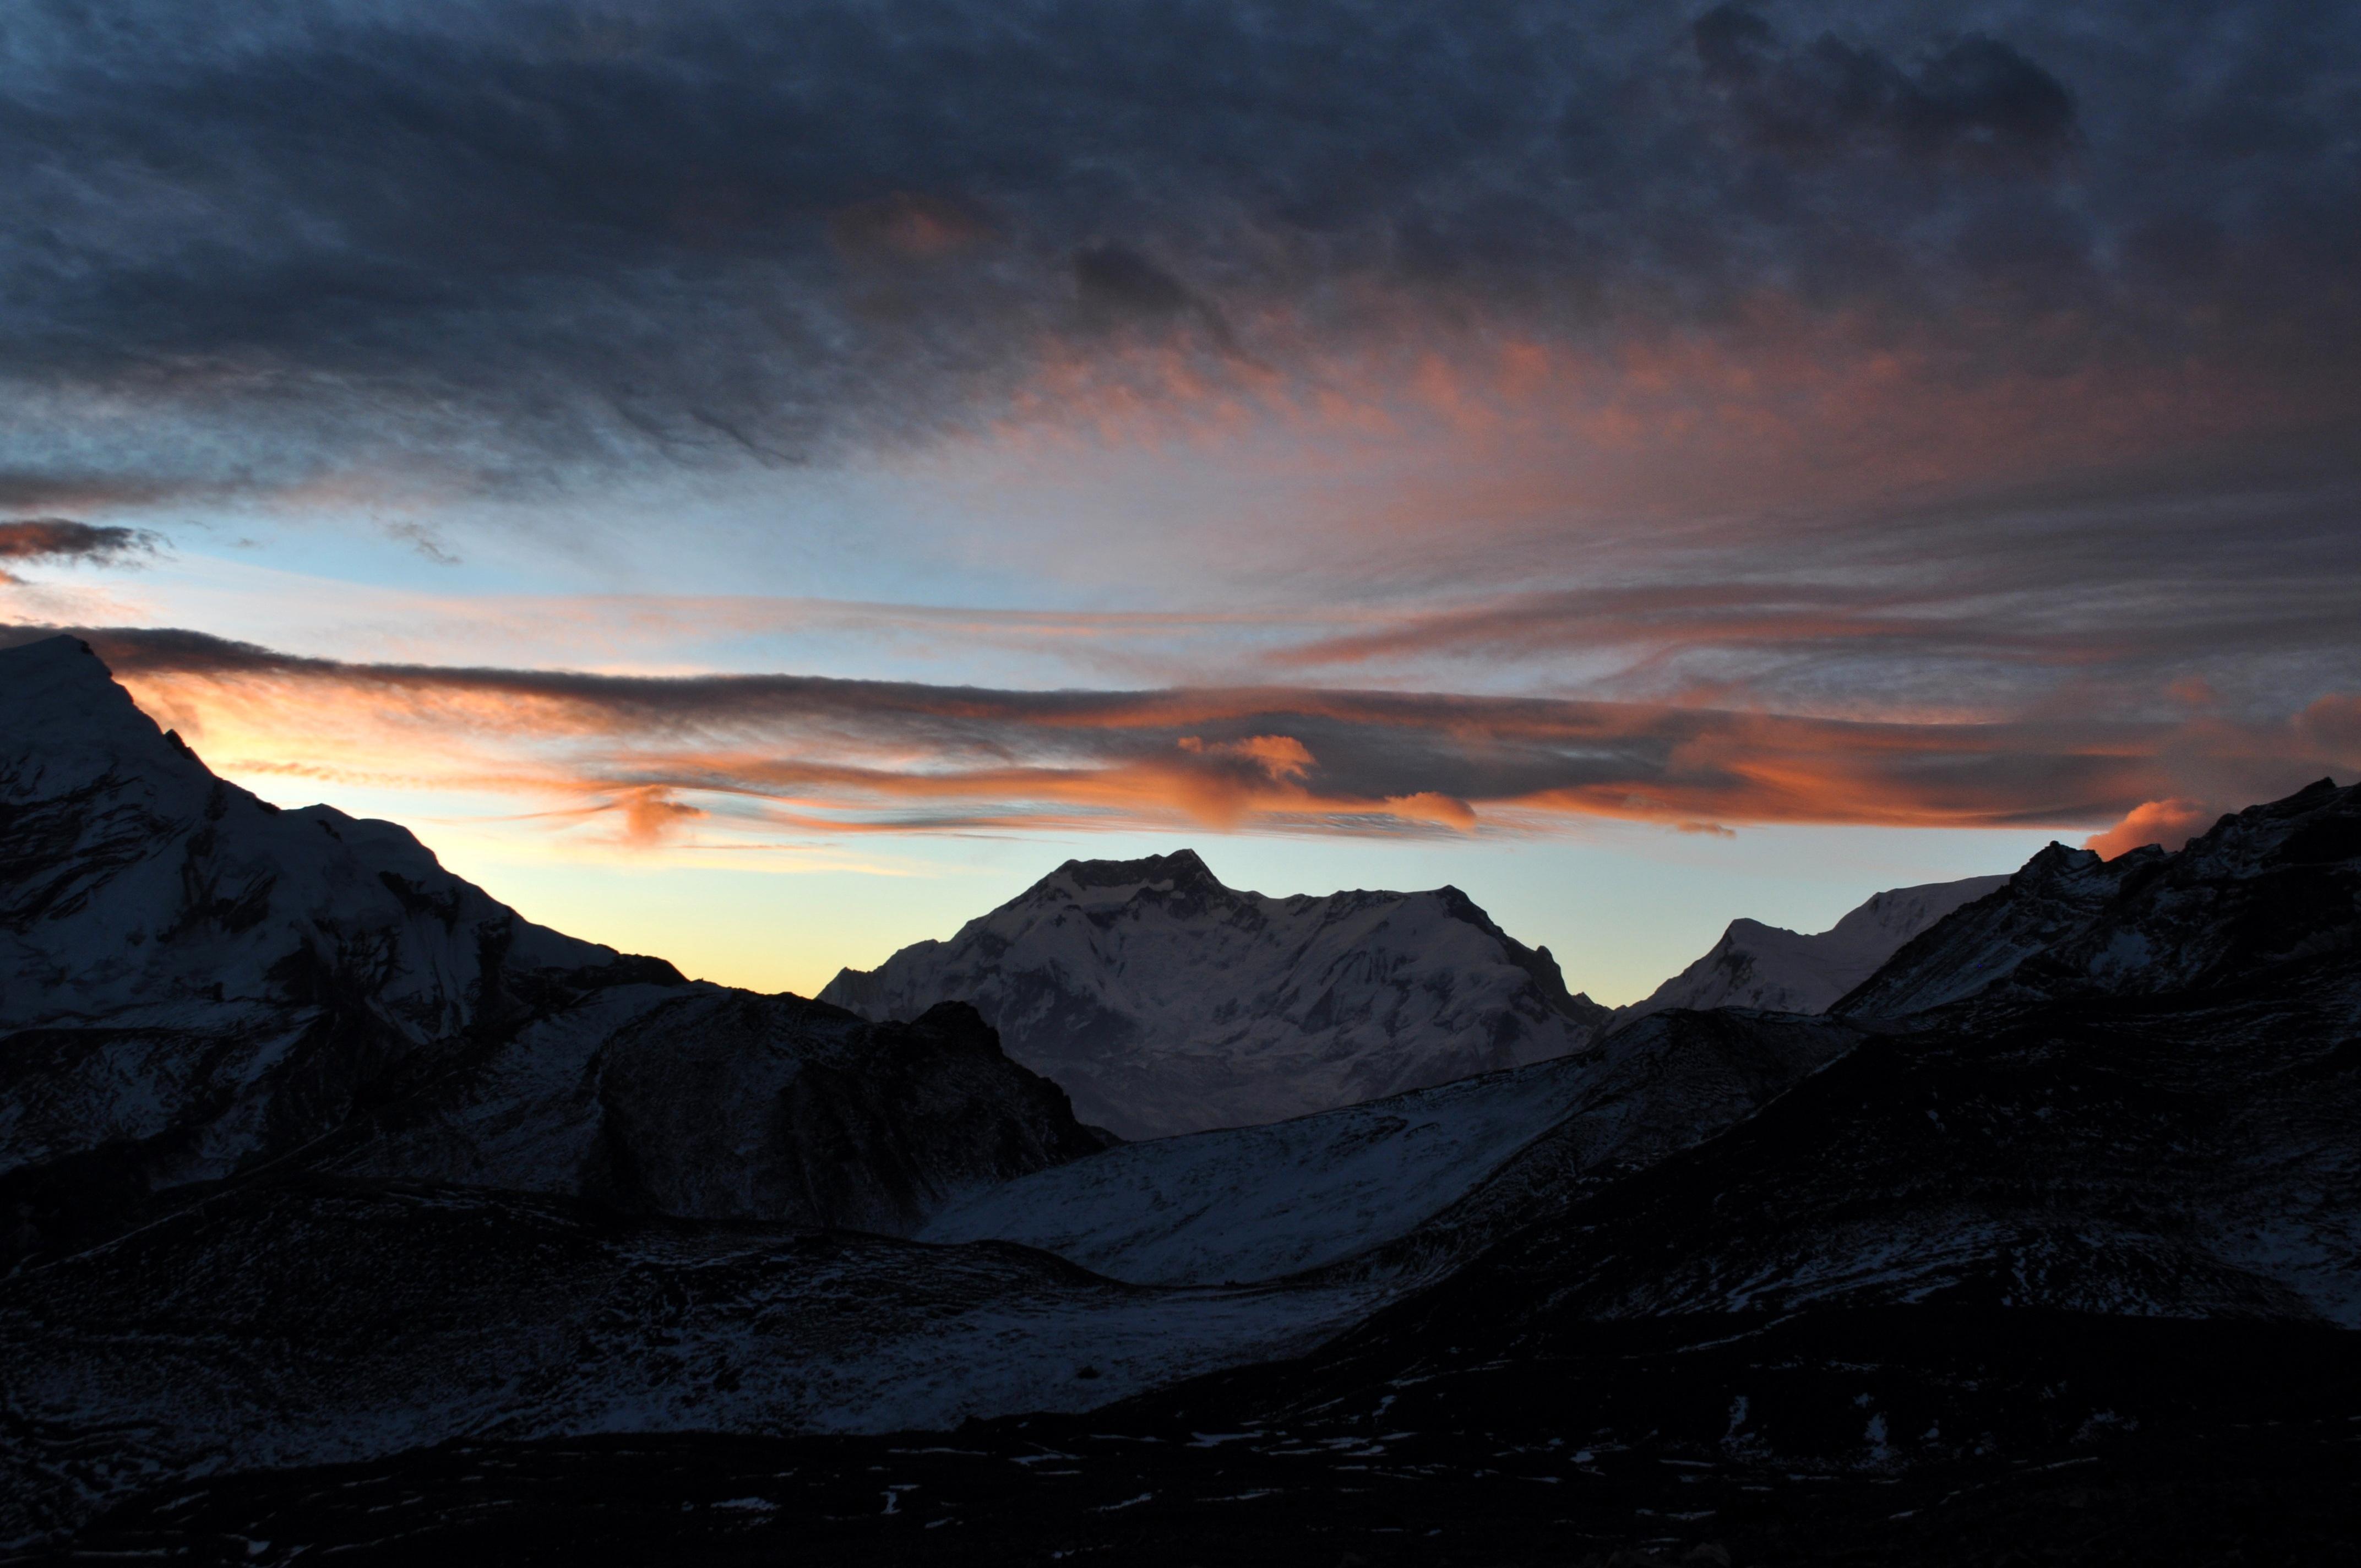 sull'Himalaya inizia ad albeggiare: meraviglioso